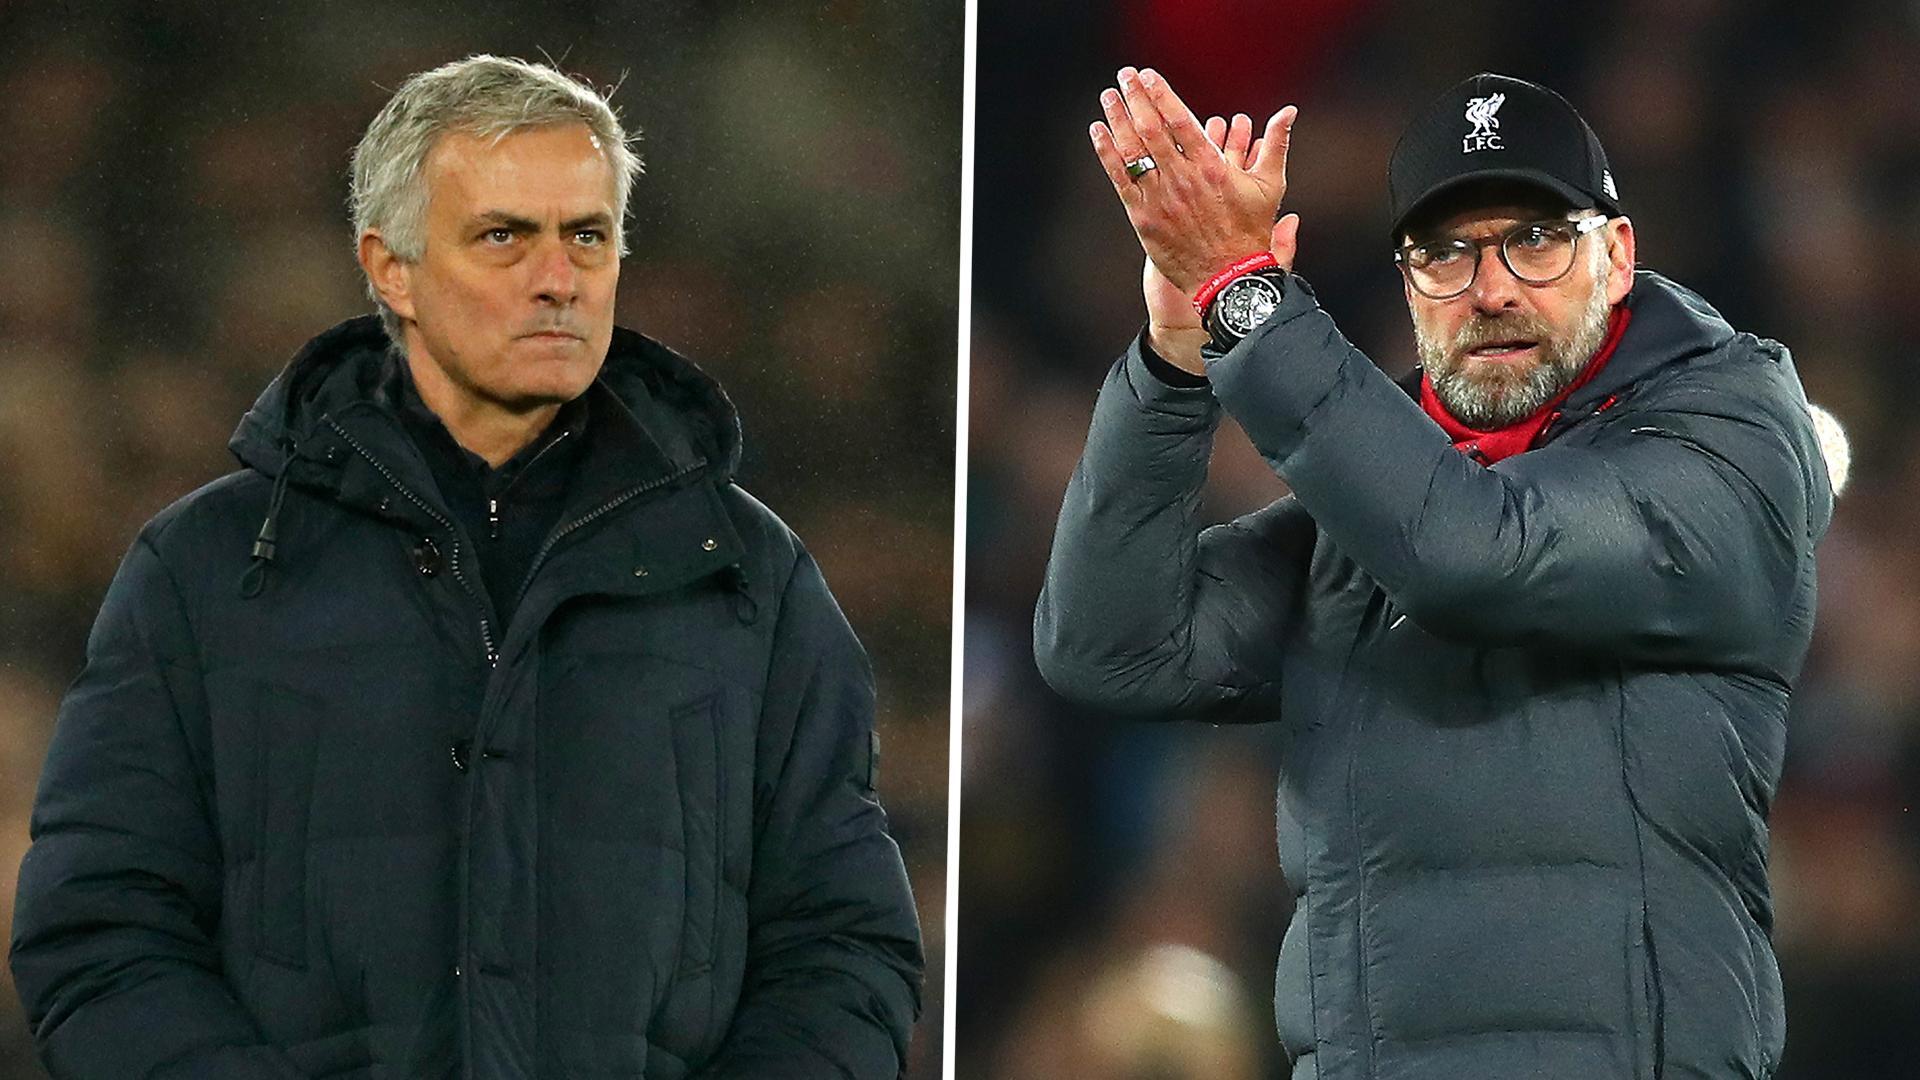 VIDEO - Klopp : « Mourinho est un entraîneur de classe mondiale avec un état d'esprit particulier »